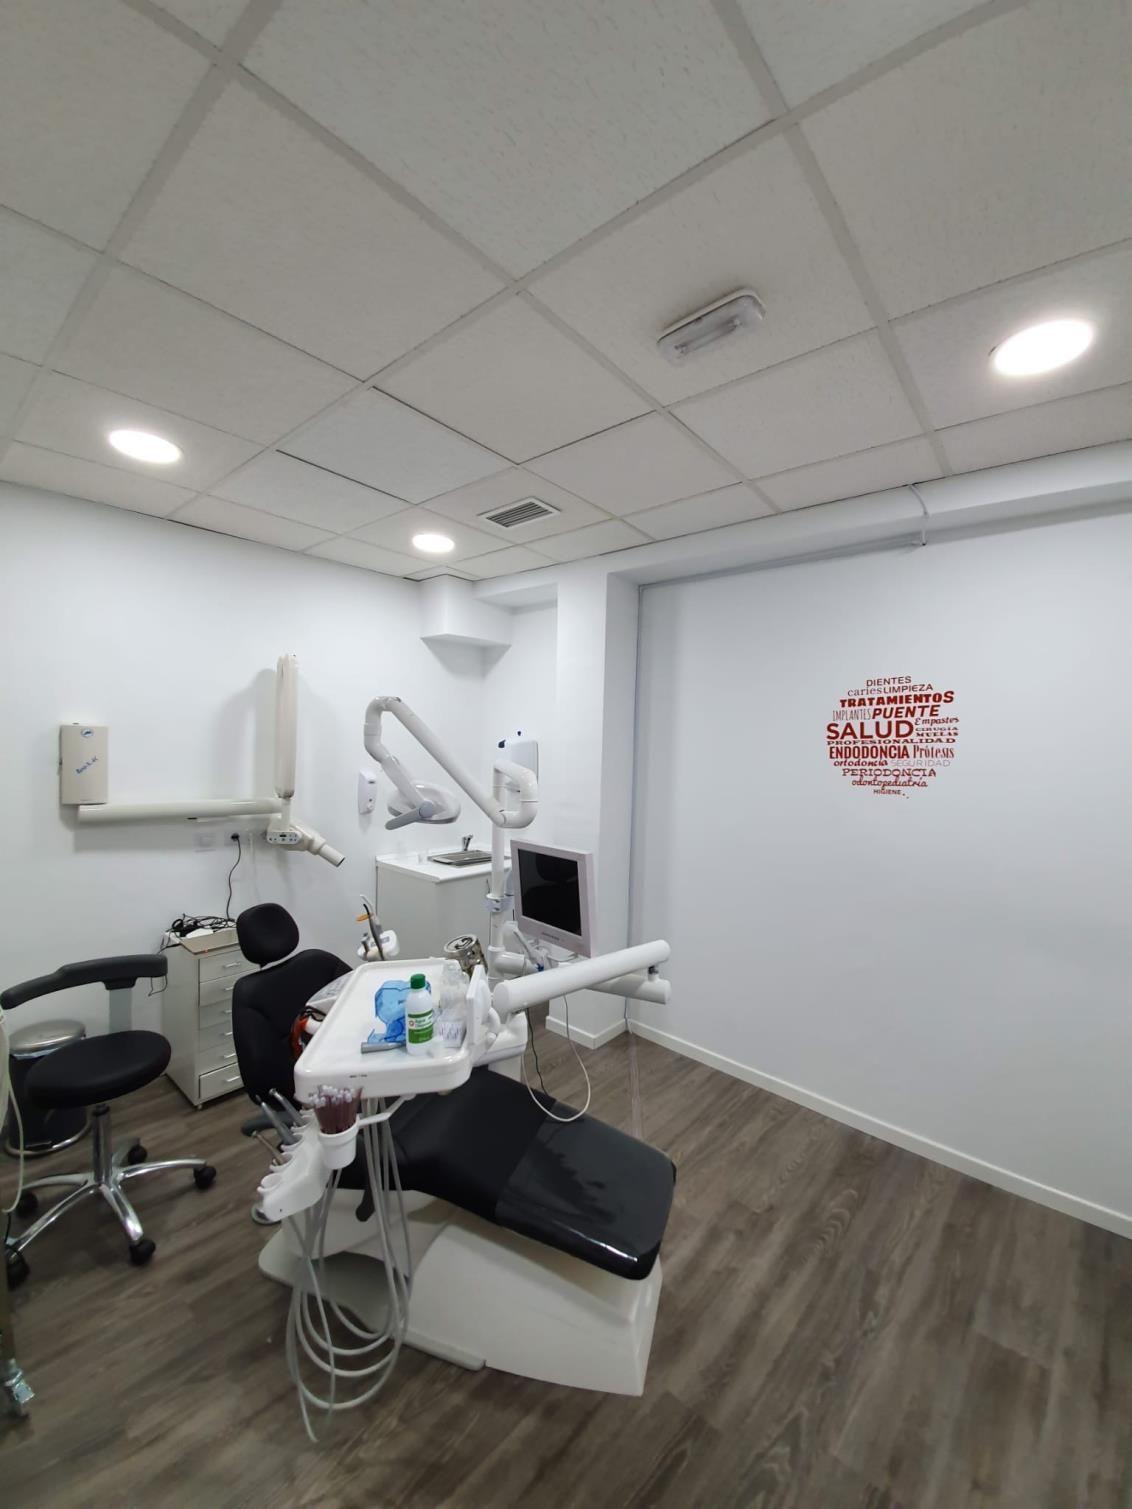 Clínicas dentales Valmojado